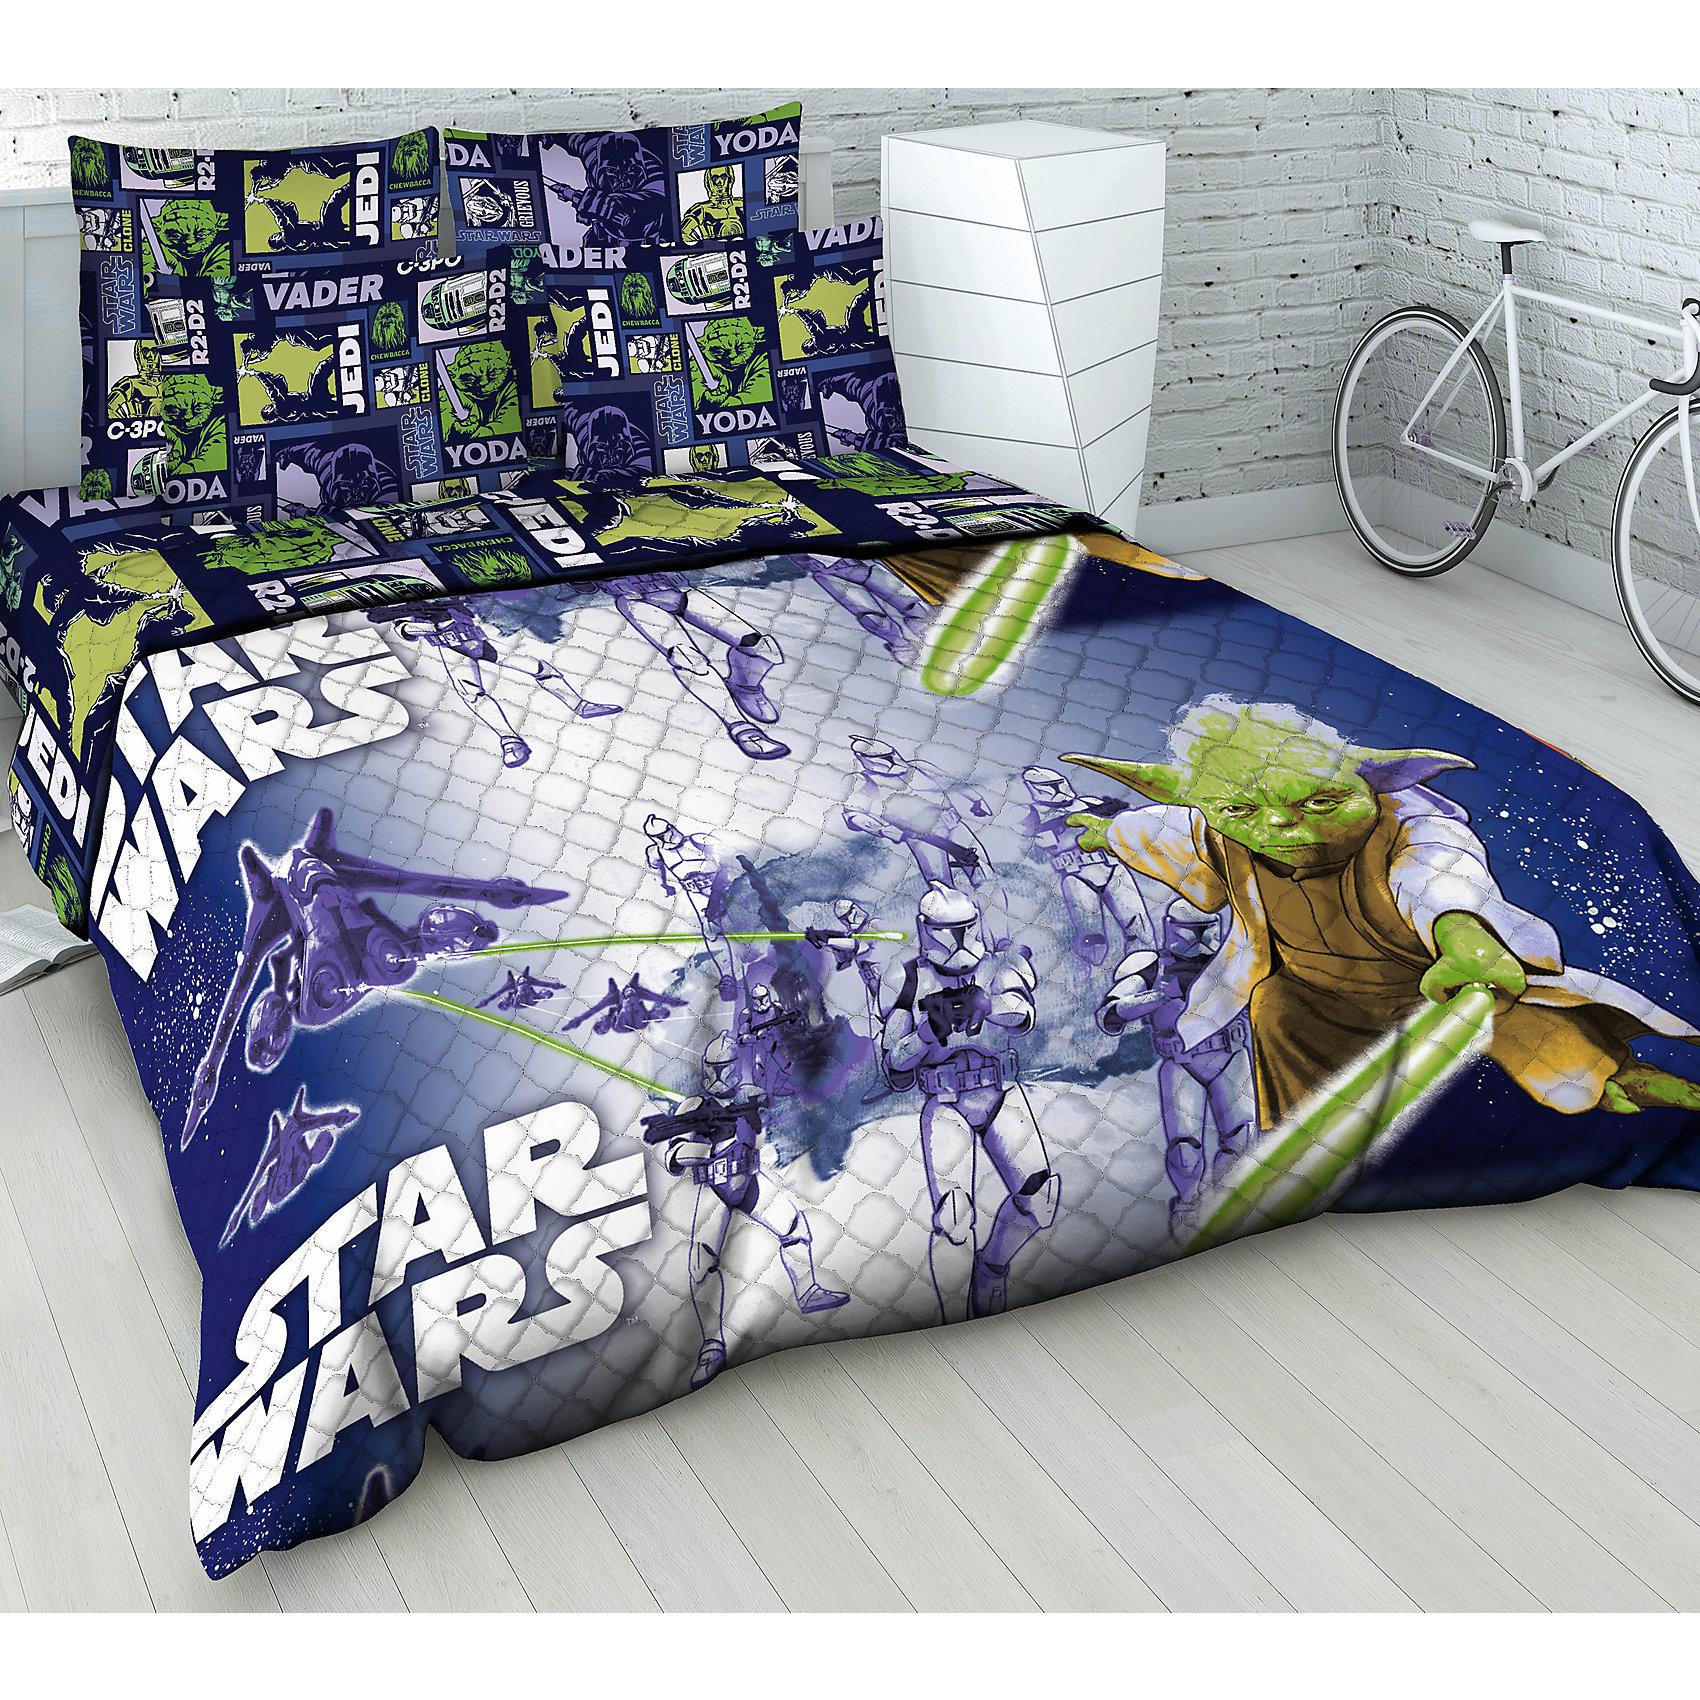 Покрывало Магистр Йода 1,5-спальное, ВасилекПокрывало Магистр Йода 1,5-спальное, Василек - эффектно дополнит интерьер комнаты вашего ребенка и создаст атмосферу уюта.<br>Волшебное, невероятно красивое стёганое покрывало Магистр Йода с героями саги Звездные войны, несомненно, будет по душе вашему ребенку. Яркие и сочные краски заиграют в детской комнате по-новому, даря ей уют и привлекательность, увлекая в мир любимых персонажей. Полутораспальное покрывало может использоваться в качестве легкого одеяла. Оно хорошо сохраняет тепло и прекрасно пропускает воздух. Порывало гипоаллергенно, изготовлено из бязи (100% хлопок) с применением натуральных красителей. Наполнитель покрывала -силиконизированное волокно. Легкие и теплые изделия с этим наполнителем легко стираются, быстро высыхают и сохраняют свои свойства после длительной эксплуатации. Единичная составляющая волокна имеет вид спиральной пружины. Это свойство позволяет волокну, в отличие от других материалов быстро восстанавливать свою форму после смятия, иметь высокую стойкость к сохранению своей формы с течением времени. Стёганое покрывало Магистр Йода восхищает своей безупречностью и качеством исполнения.<br><br>Дополнительная информация:<br><br>- Размер: 145х205 см.<br>- Материал верха: бязь<br>- Наполнитель: силиконизированное волокно<br><br>Покрывало Магистр Йода 1,5-спальное, Василек можно купить в нашем интернет-магазине.<br><br>Ширина мм: 380<br>Глубина мм: 80<br>Высота мм: 280<br>Вес г: 1200<br>Возраст от месяцев: 84<br>Возраст до месяцев: 168<br>Пол: Мужской<br>Возраст: Детский<br>SKU: 4645556